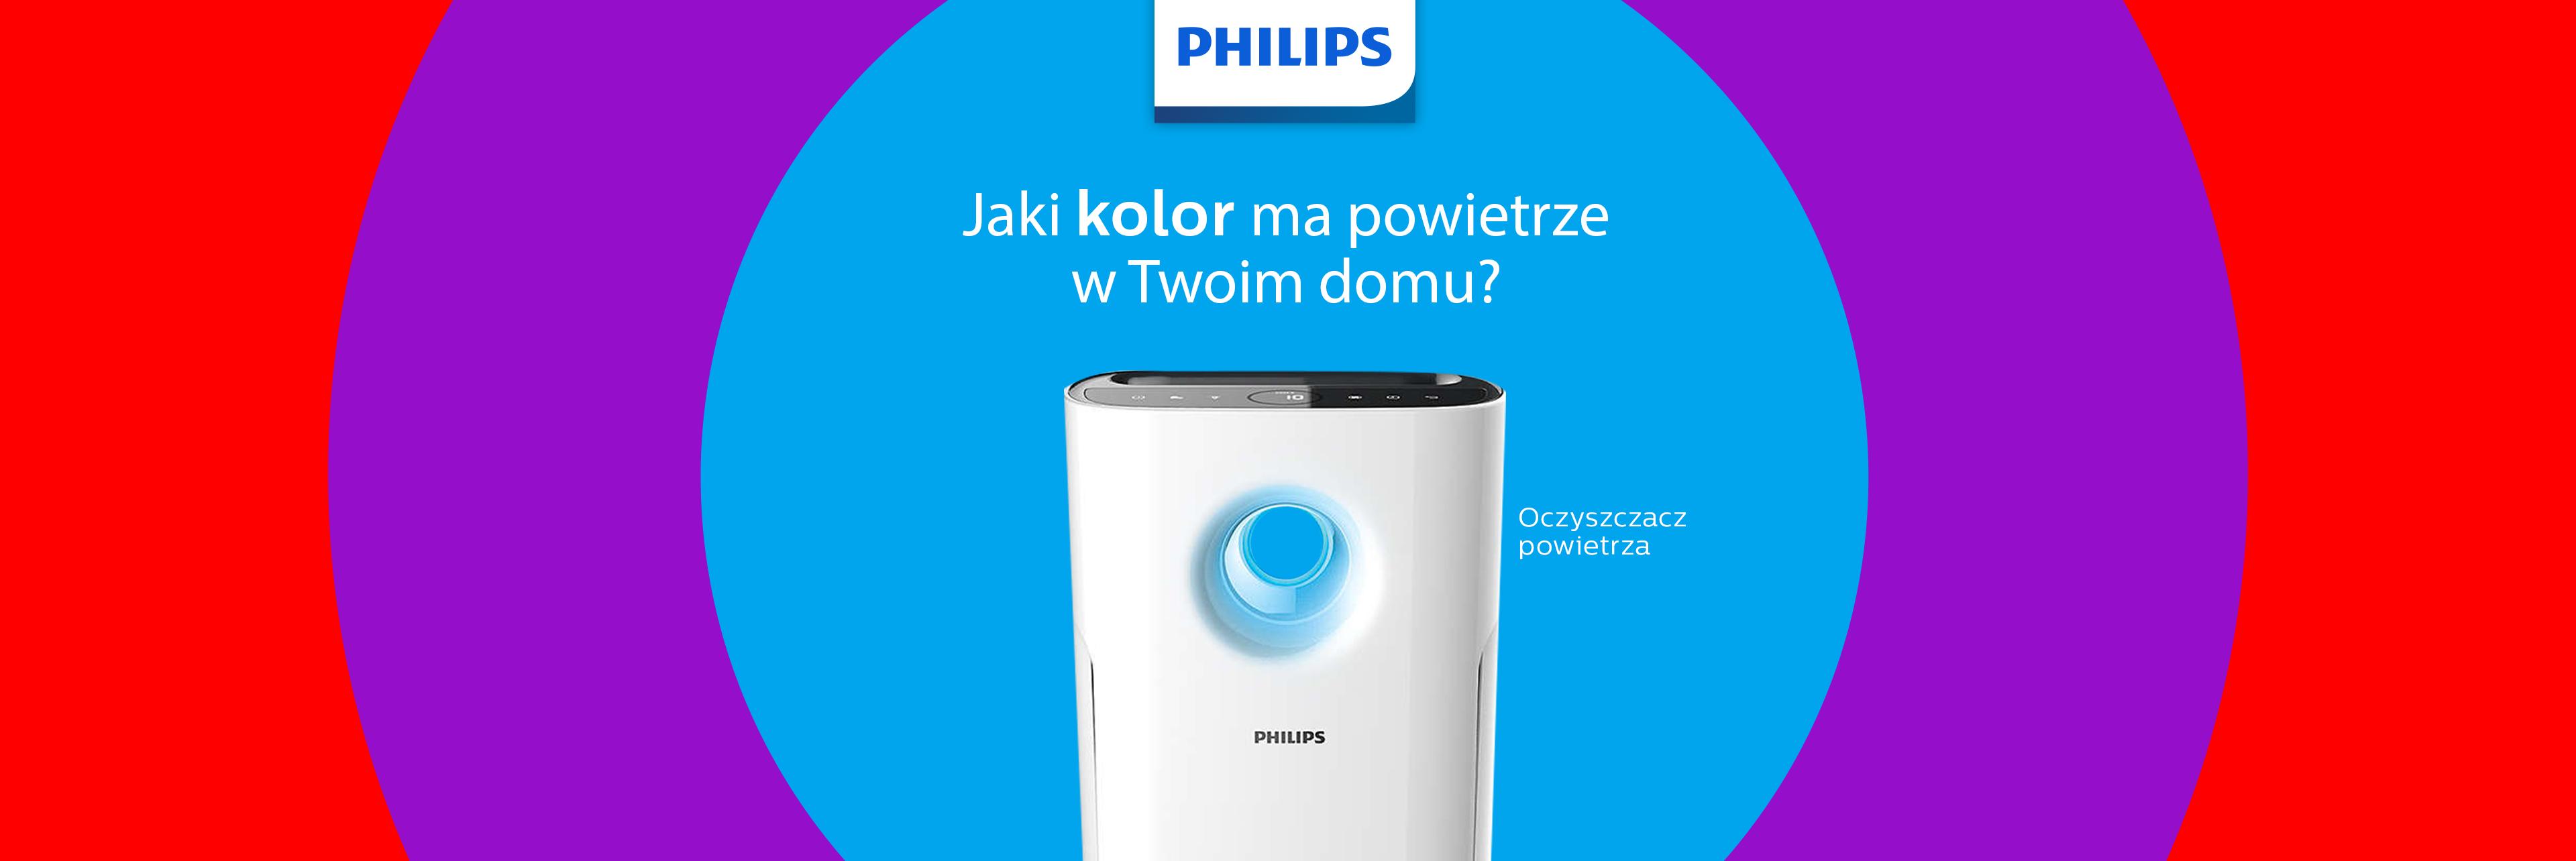 Wygraj oczyszczacz powietrza Philips z Chillizet